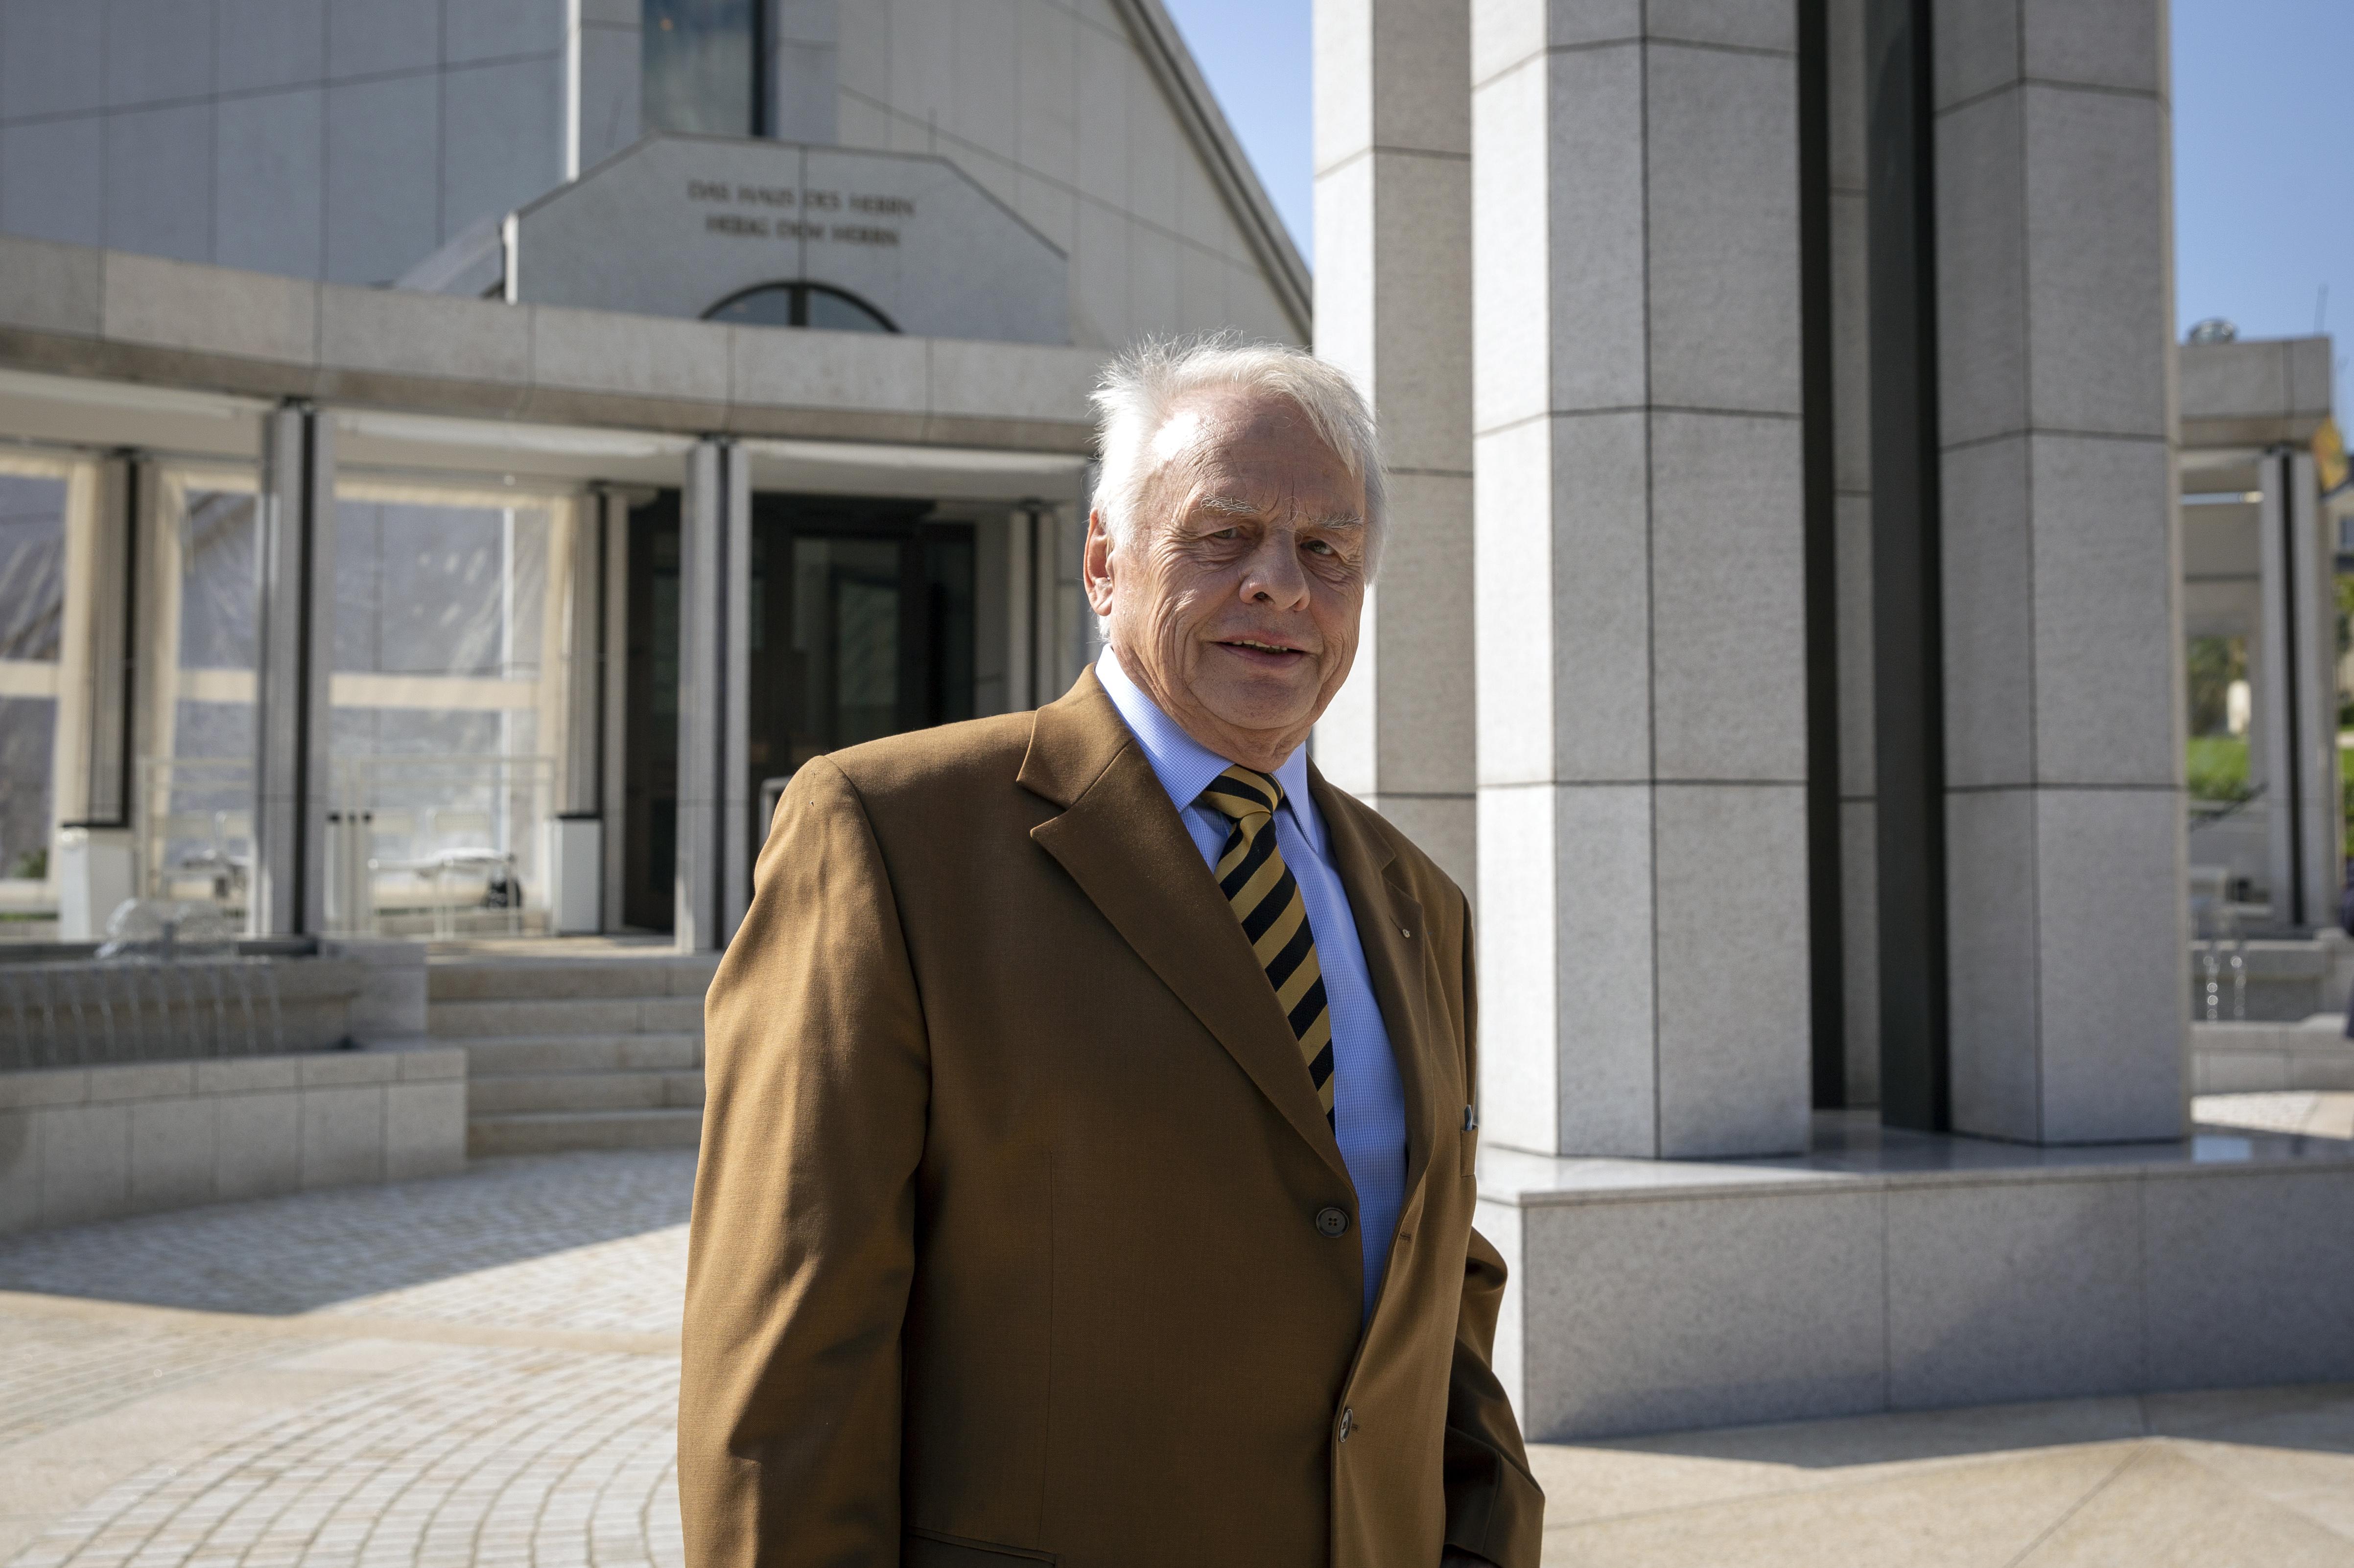 Karl Günther Petry, quien ha servido en el ayuntamiento de la ciudad de Friedrichsdorf durante 51 años, posa frente al Templo de Frankfurt en Friedrichsdorf, Alemania, el martes 10 de septiembre de 2019.